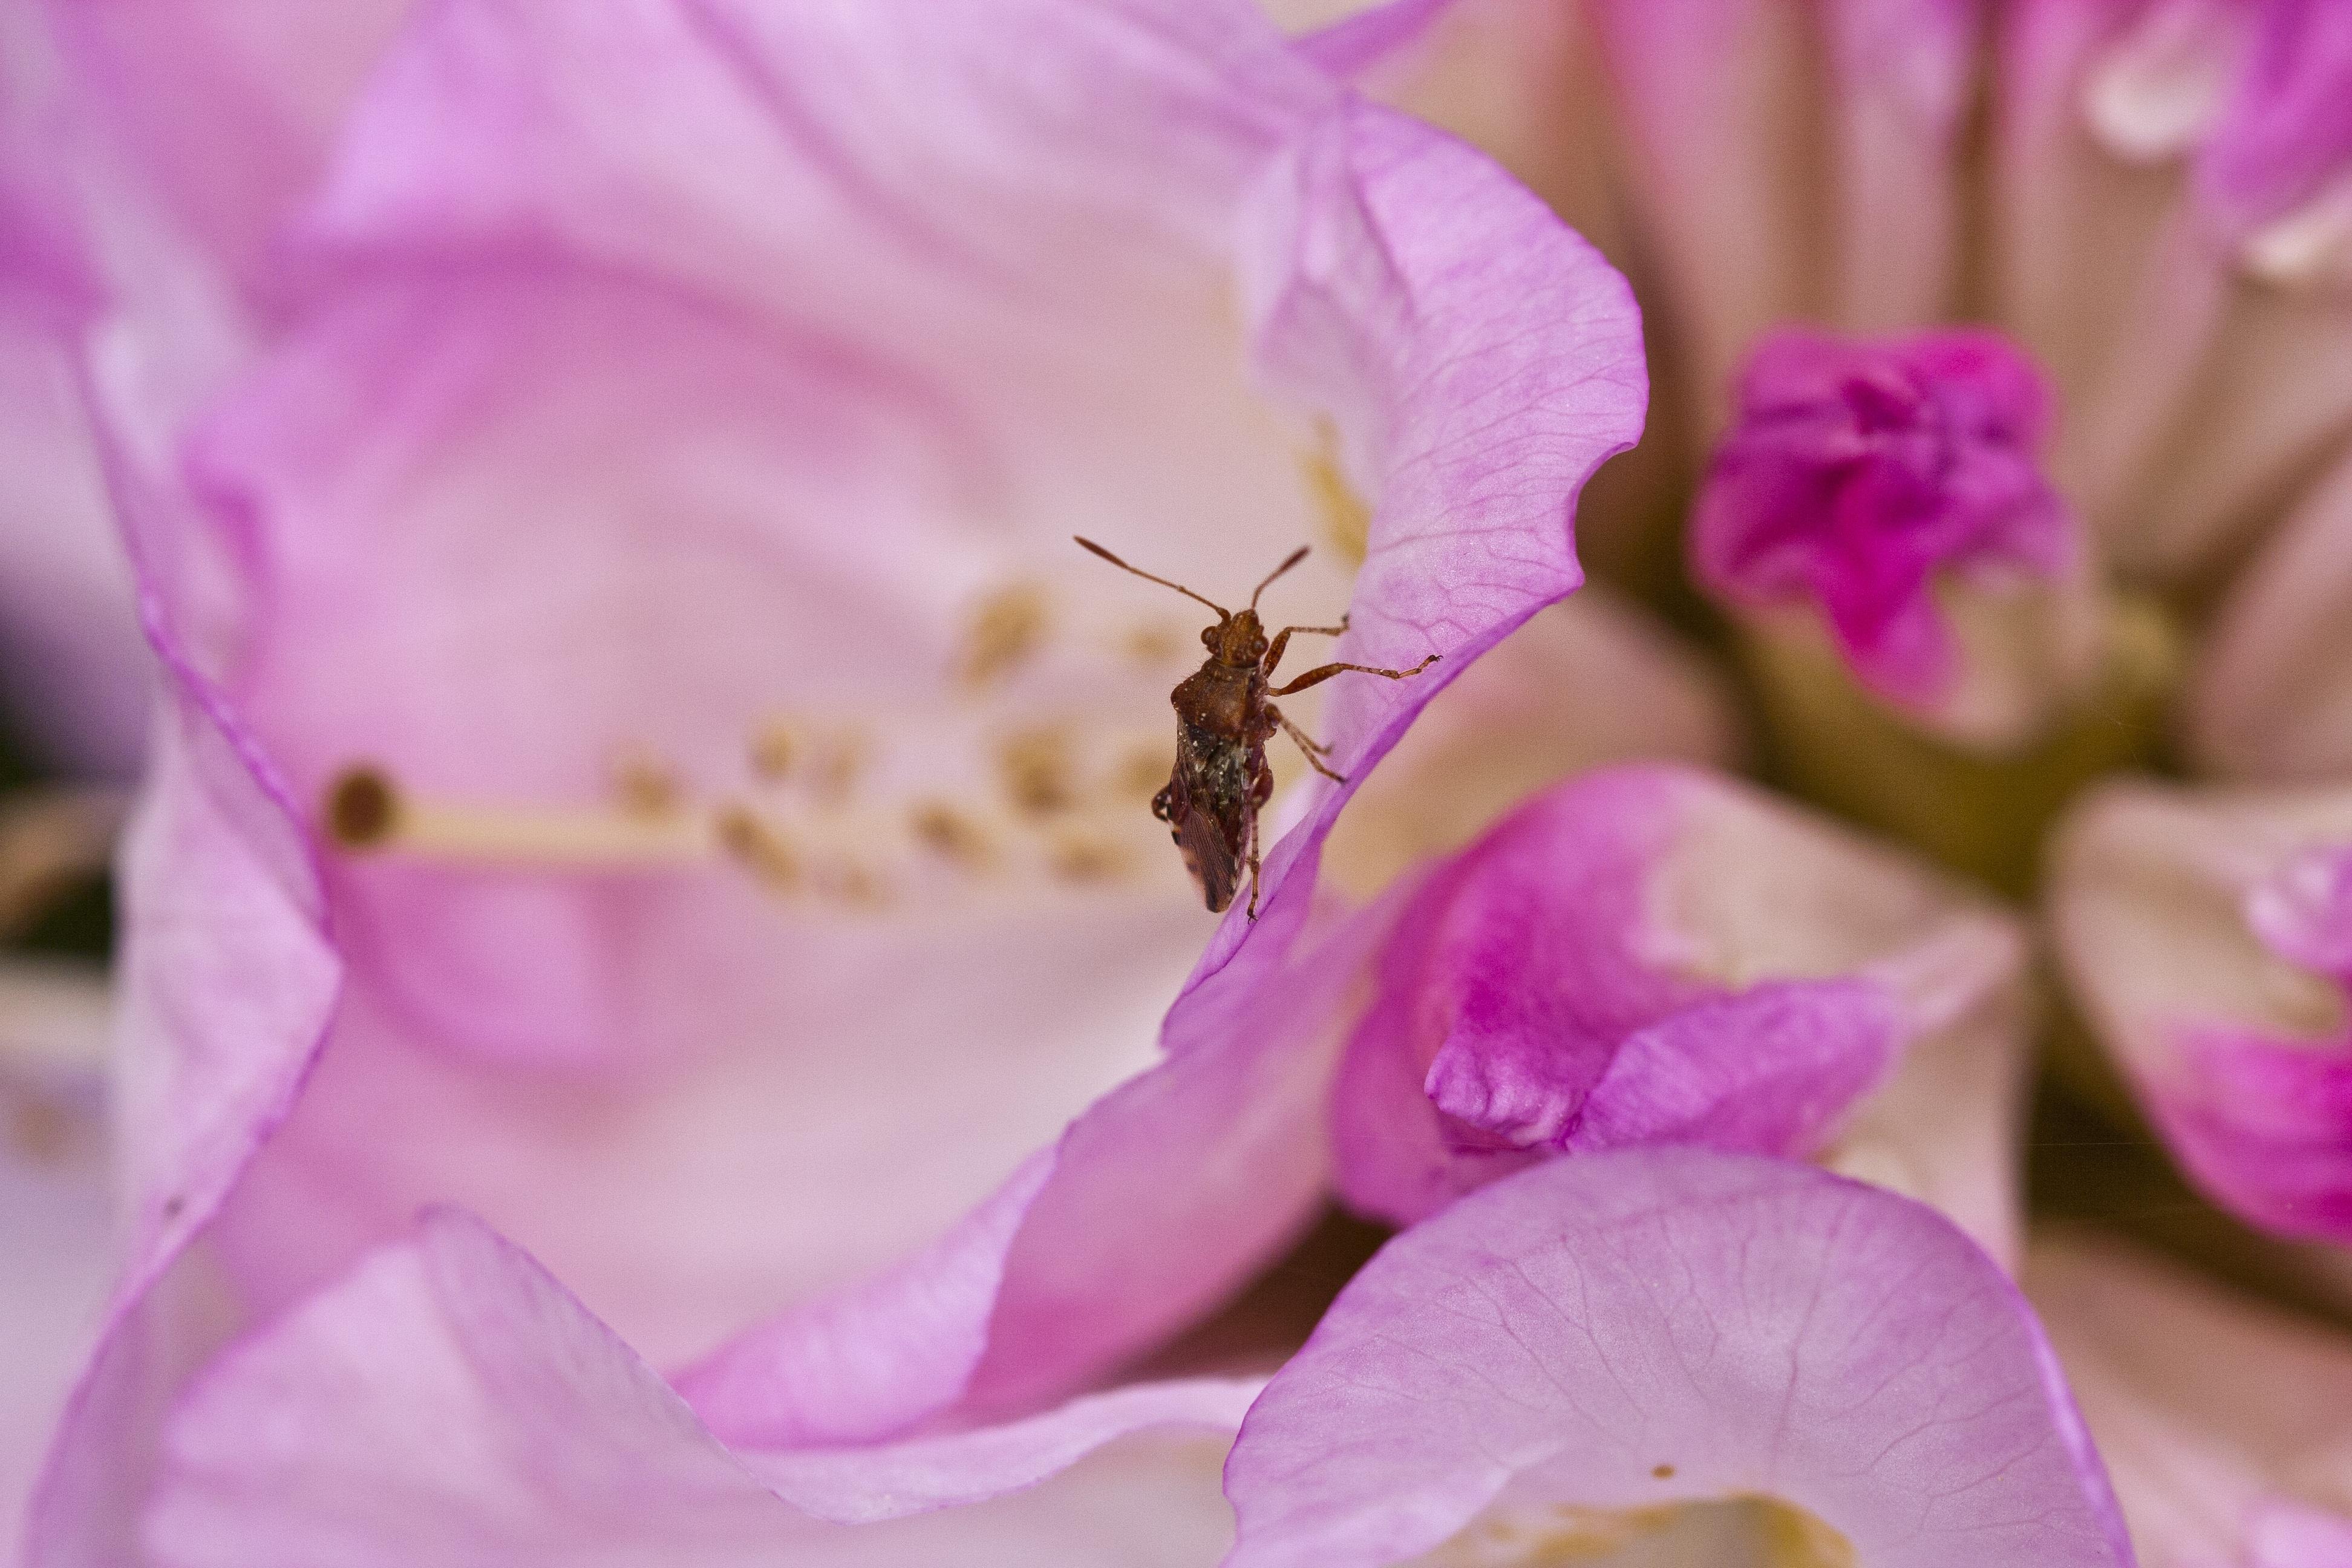 images gratuites : la nature, fleur, la photographie, violet